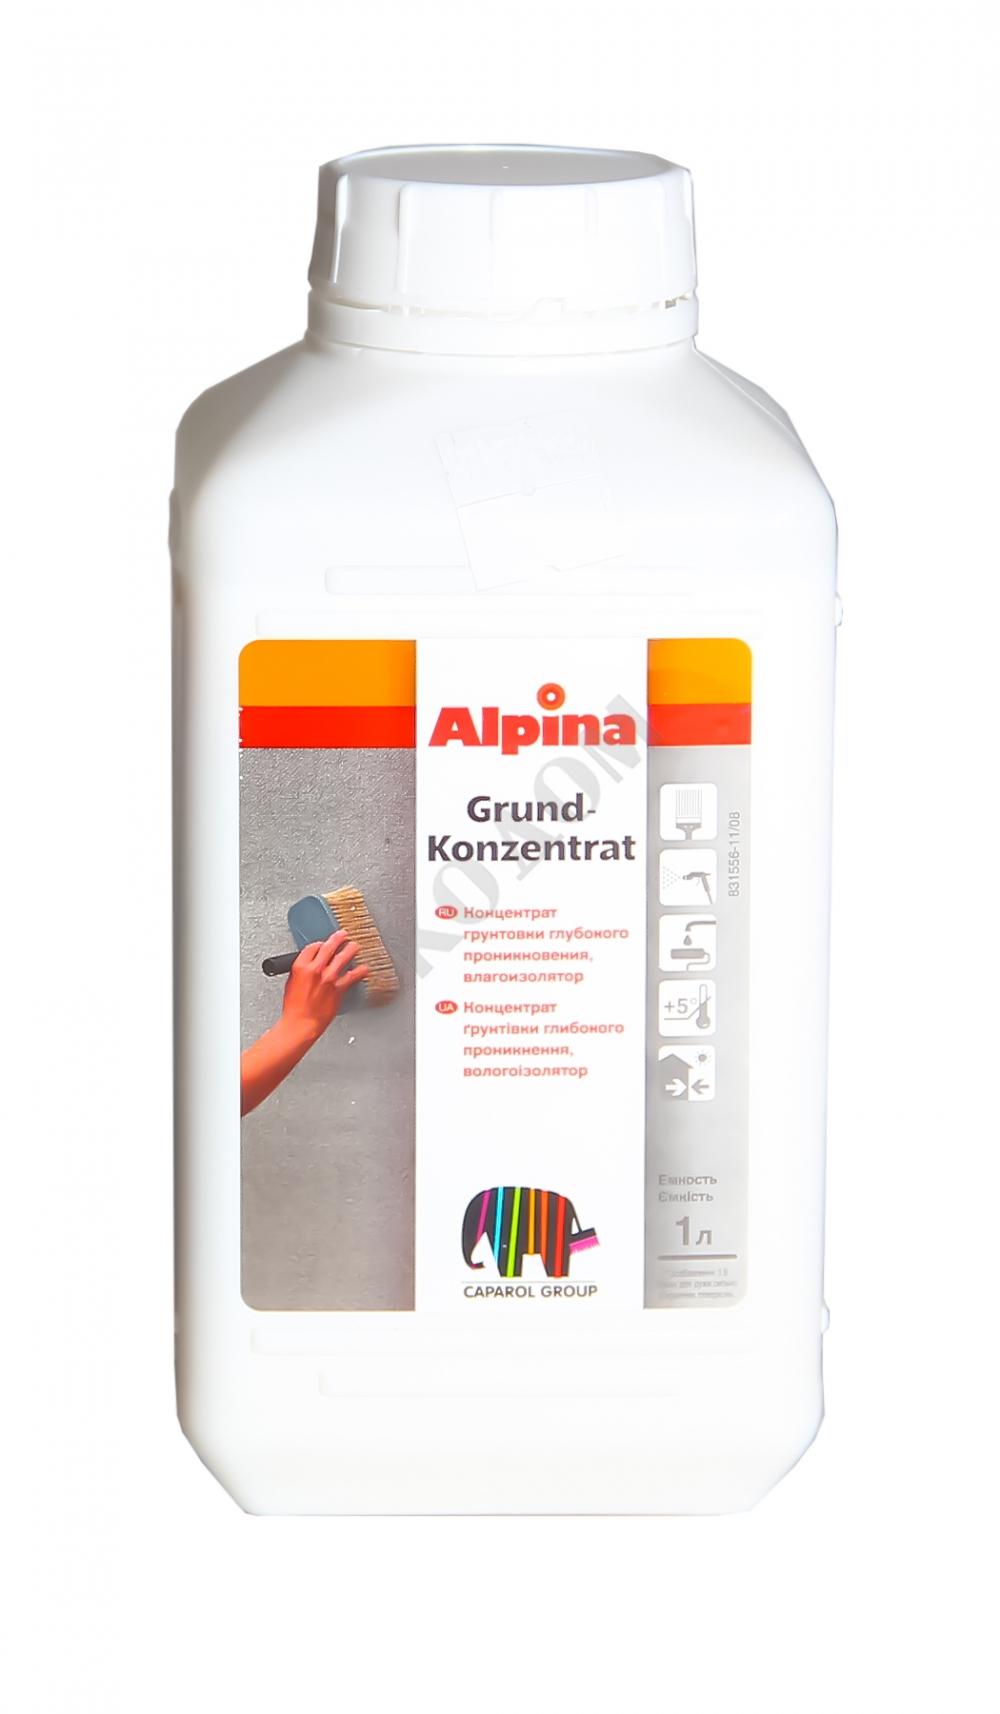 Alpina Grund Konzentrat 1l